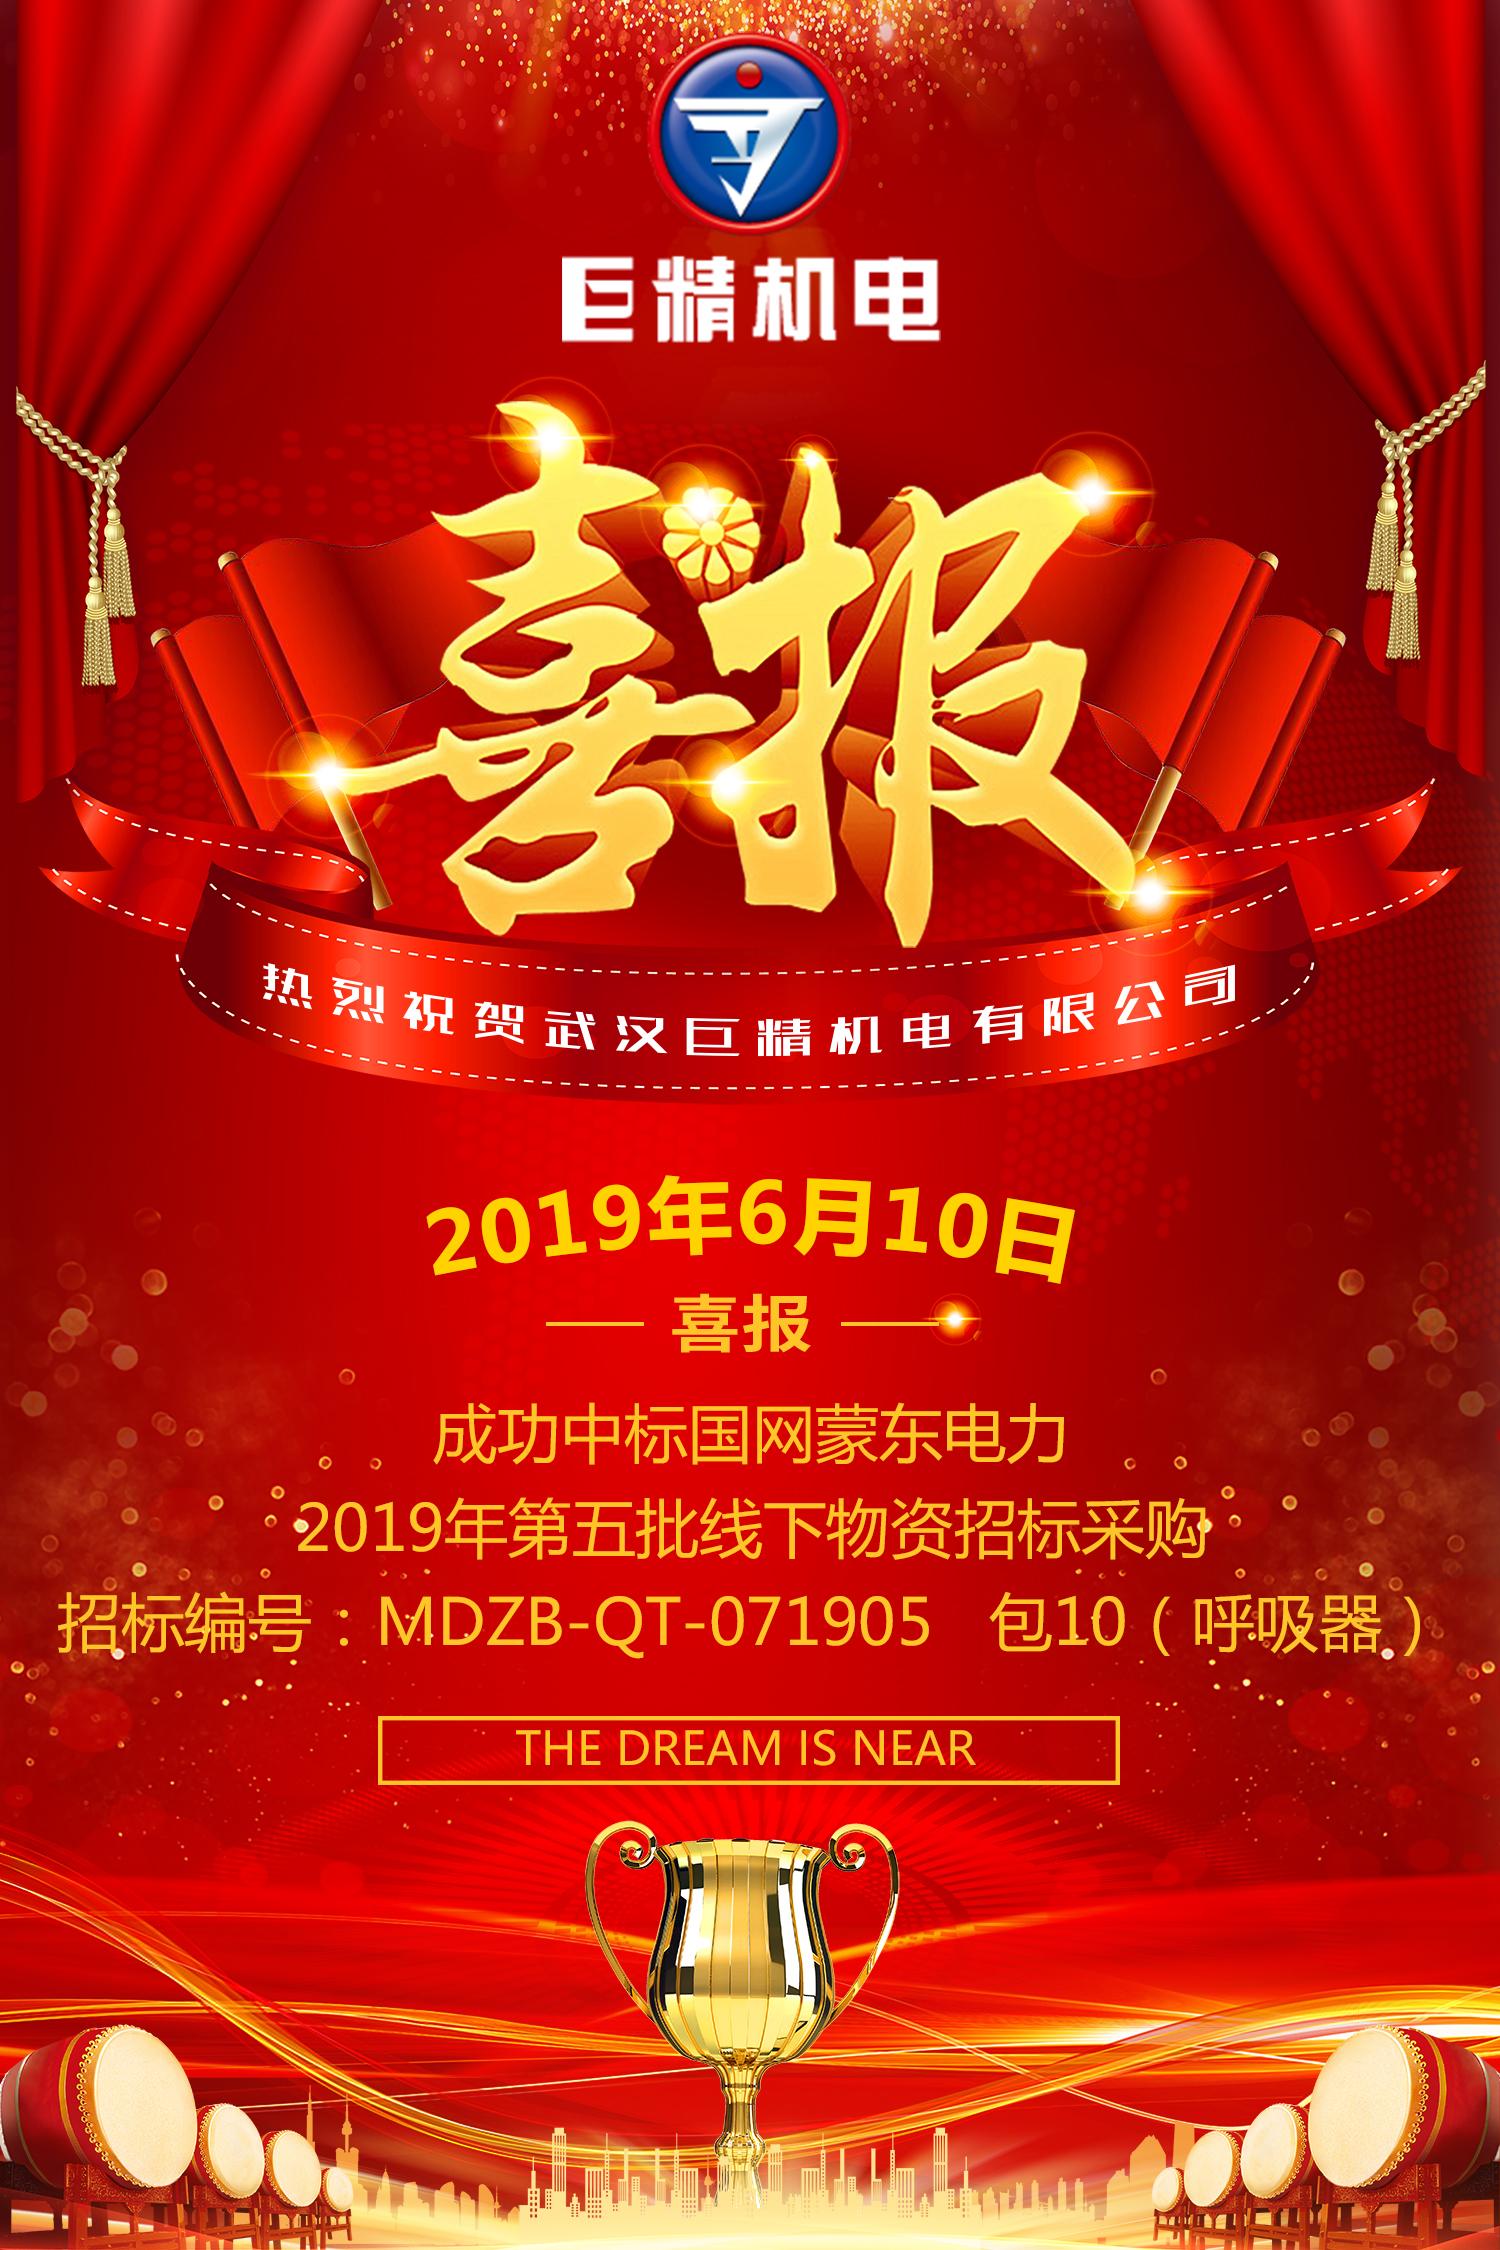 【喜报】热烈祝贺武汉巨精机电有限公司再次中标国网项目!